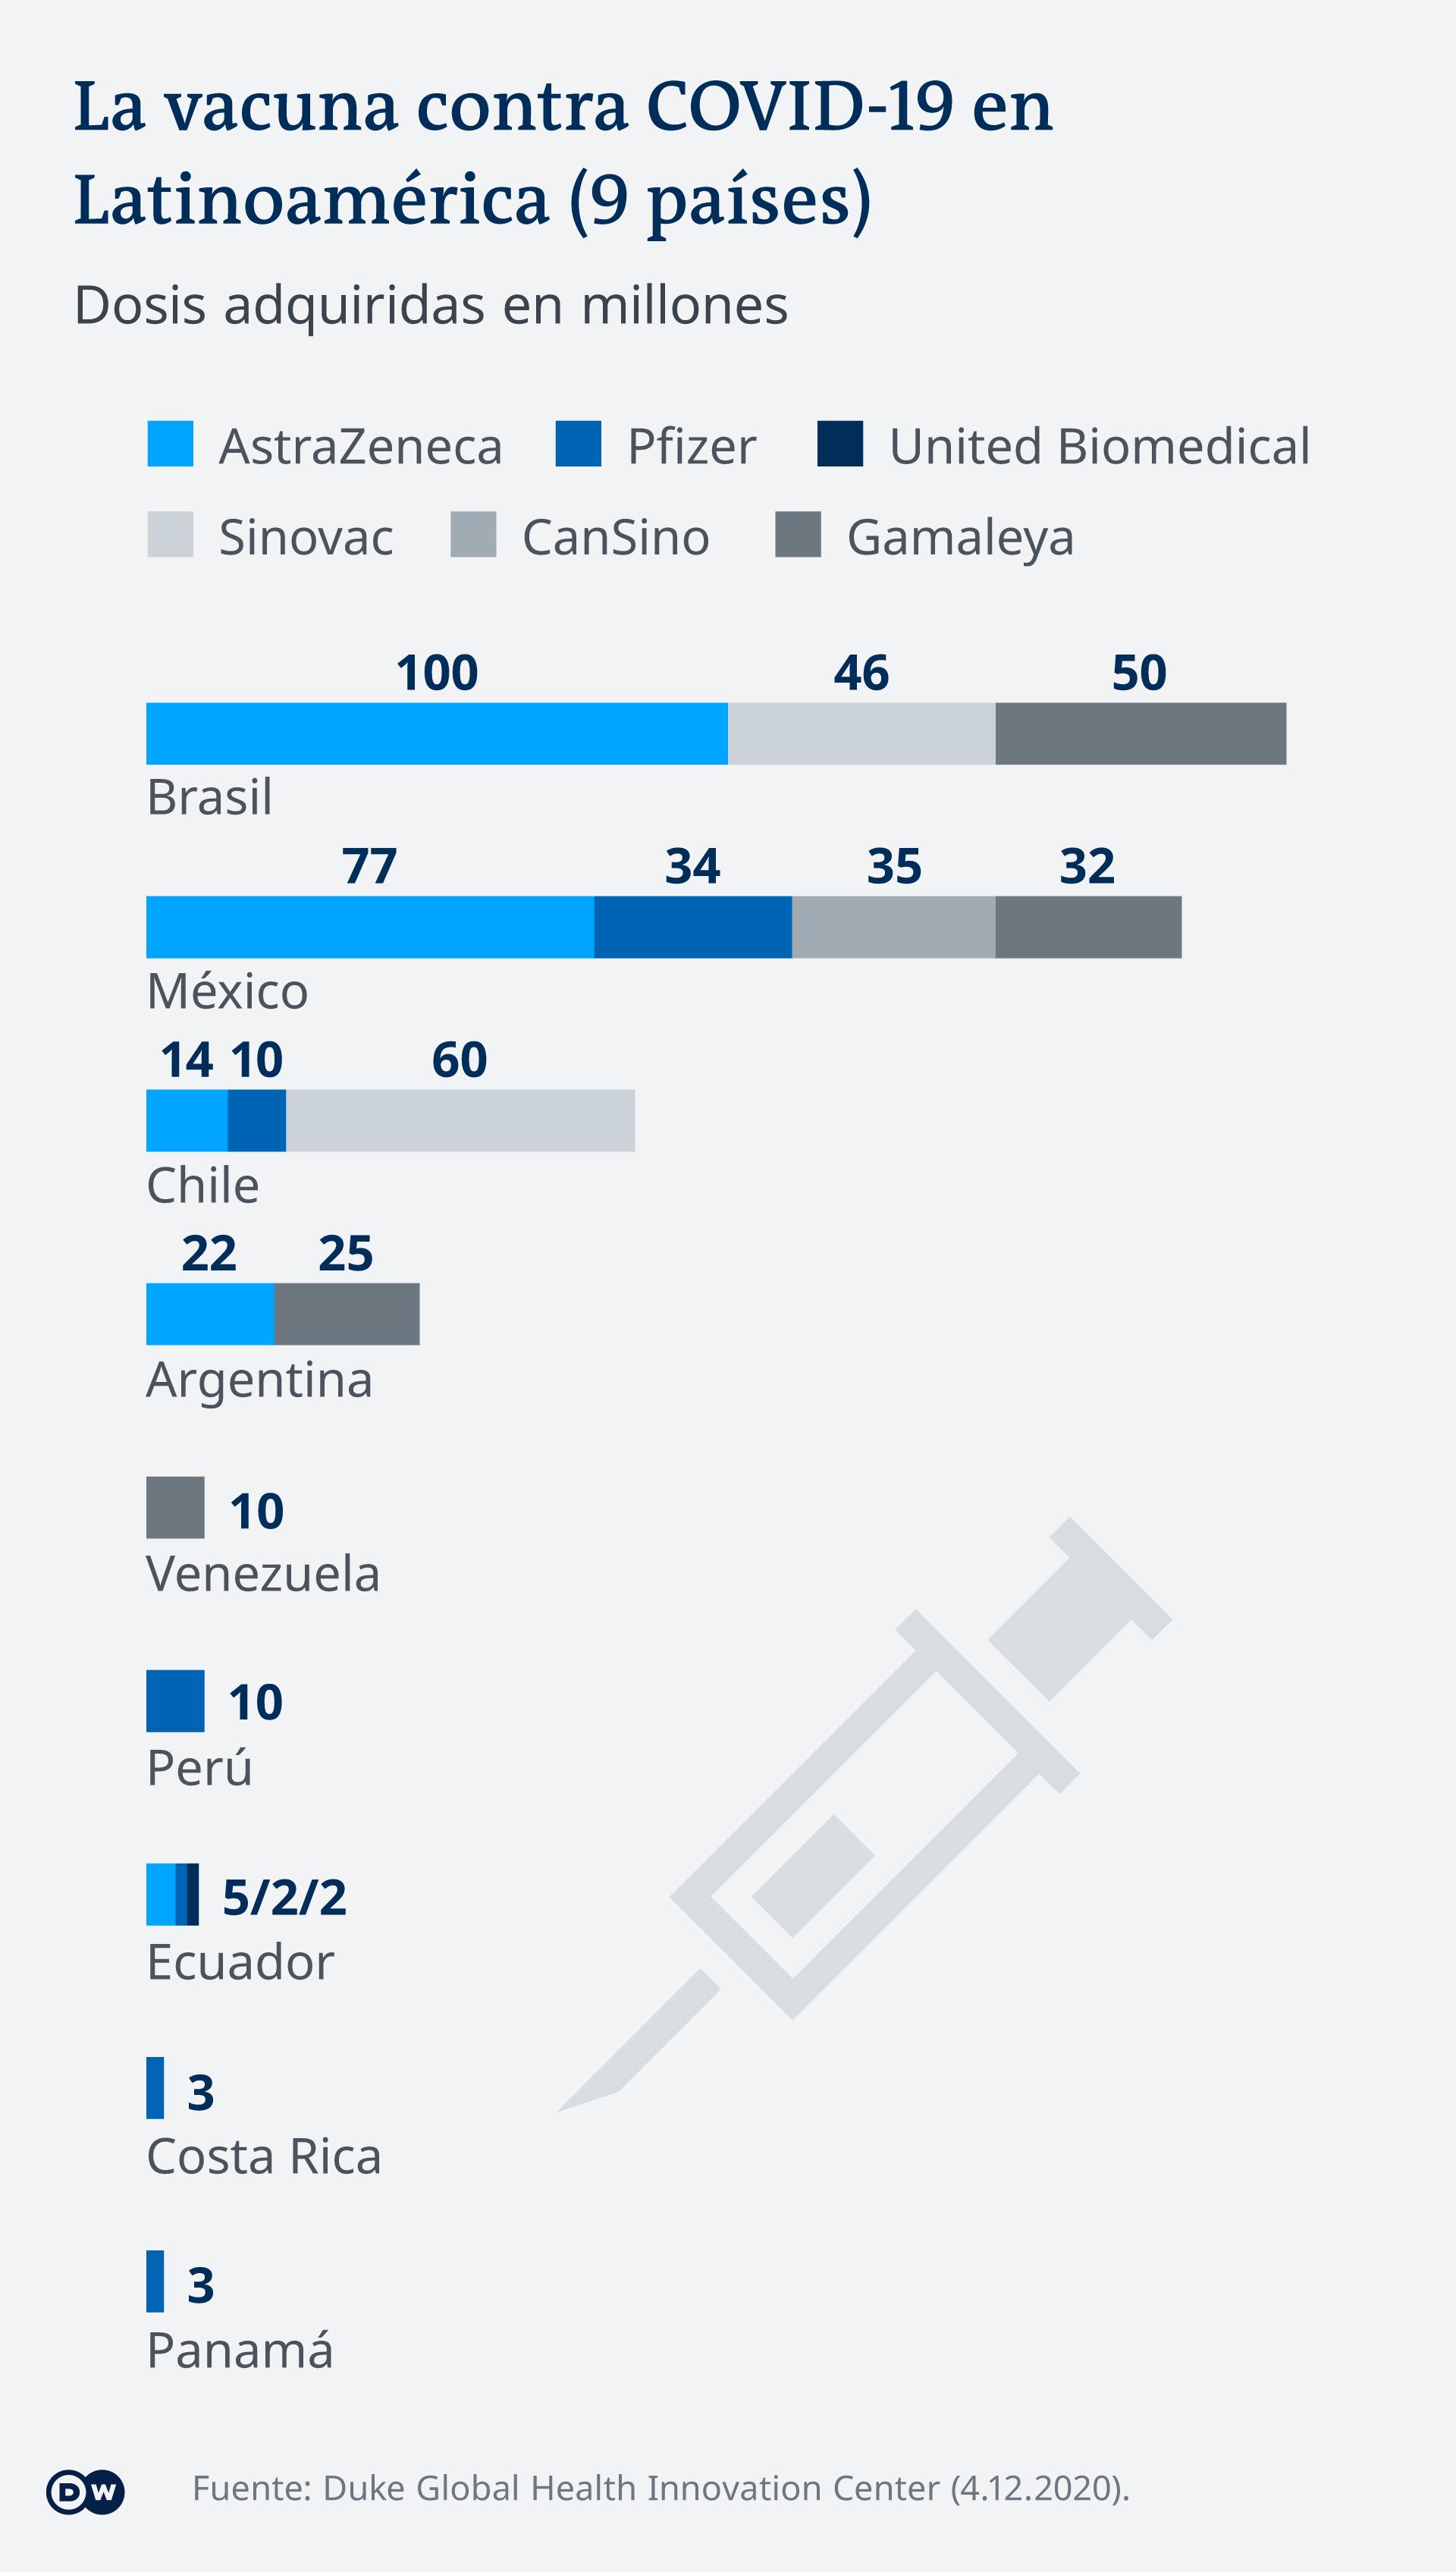 Infgrafik Gesicherte Corona-Impfstoffe nach Land und Hersteller in Lateinamerika